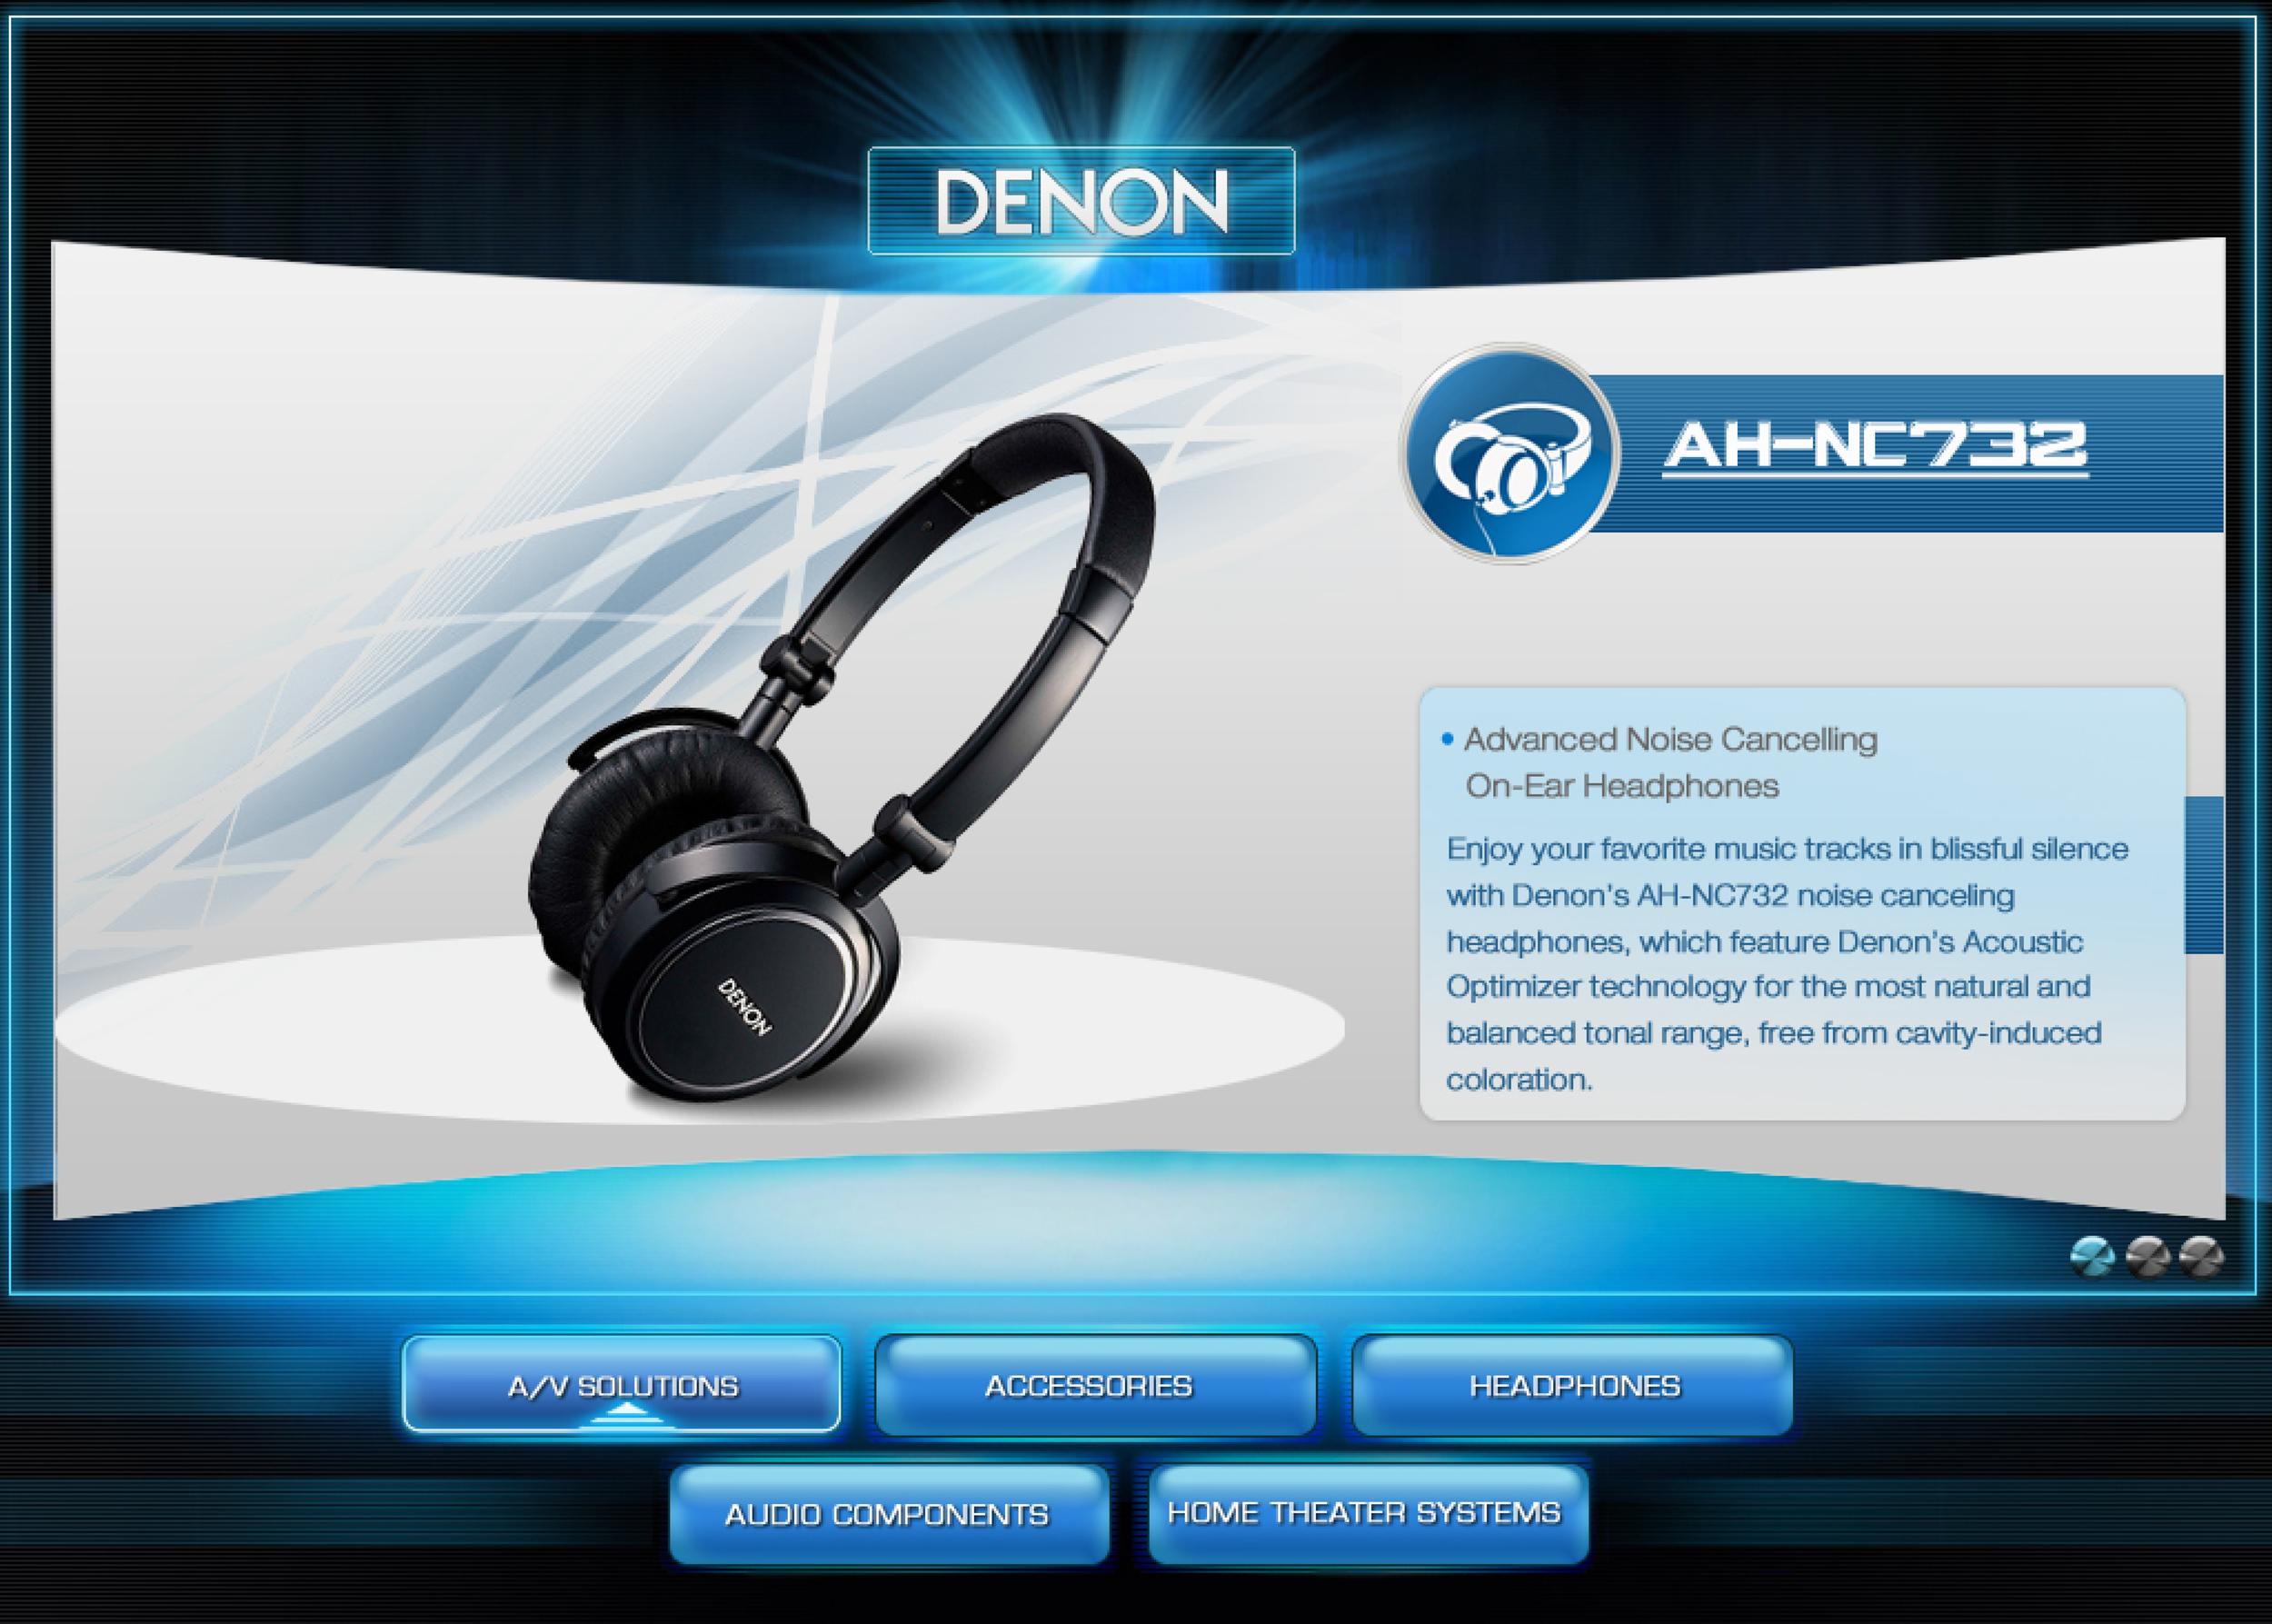 Denon-11.png